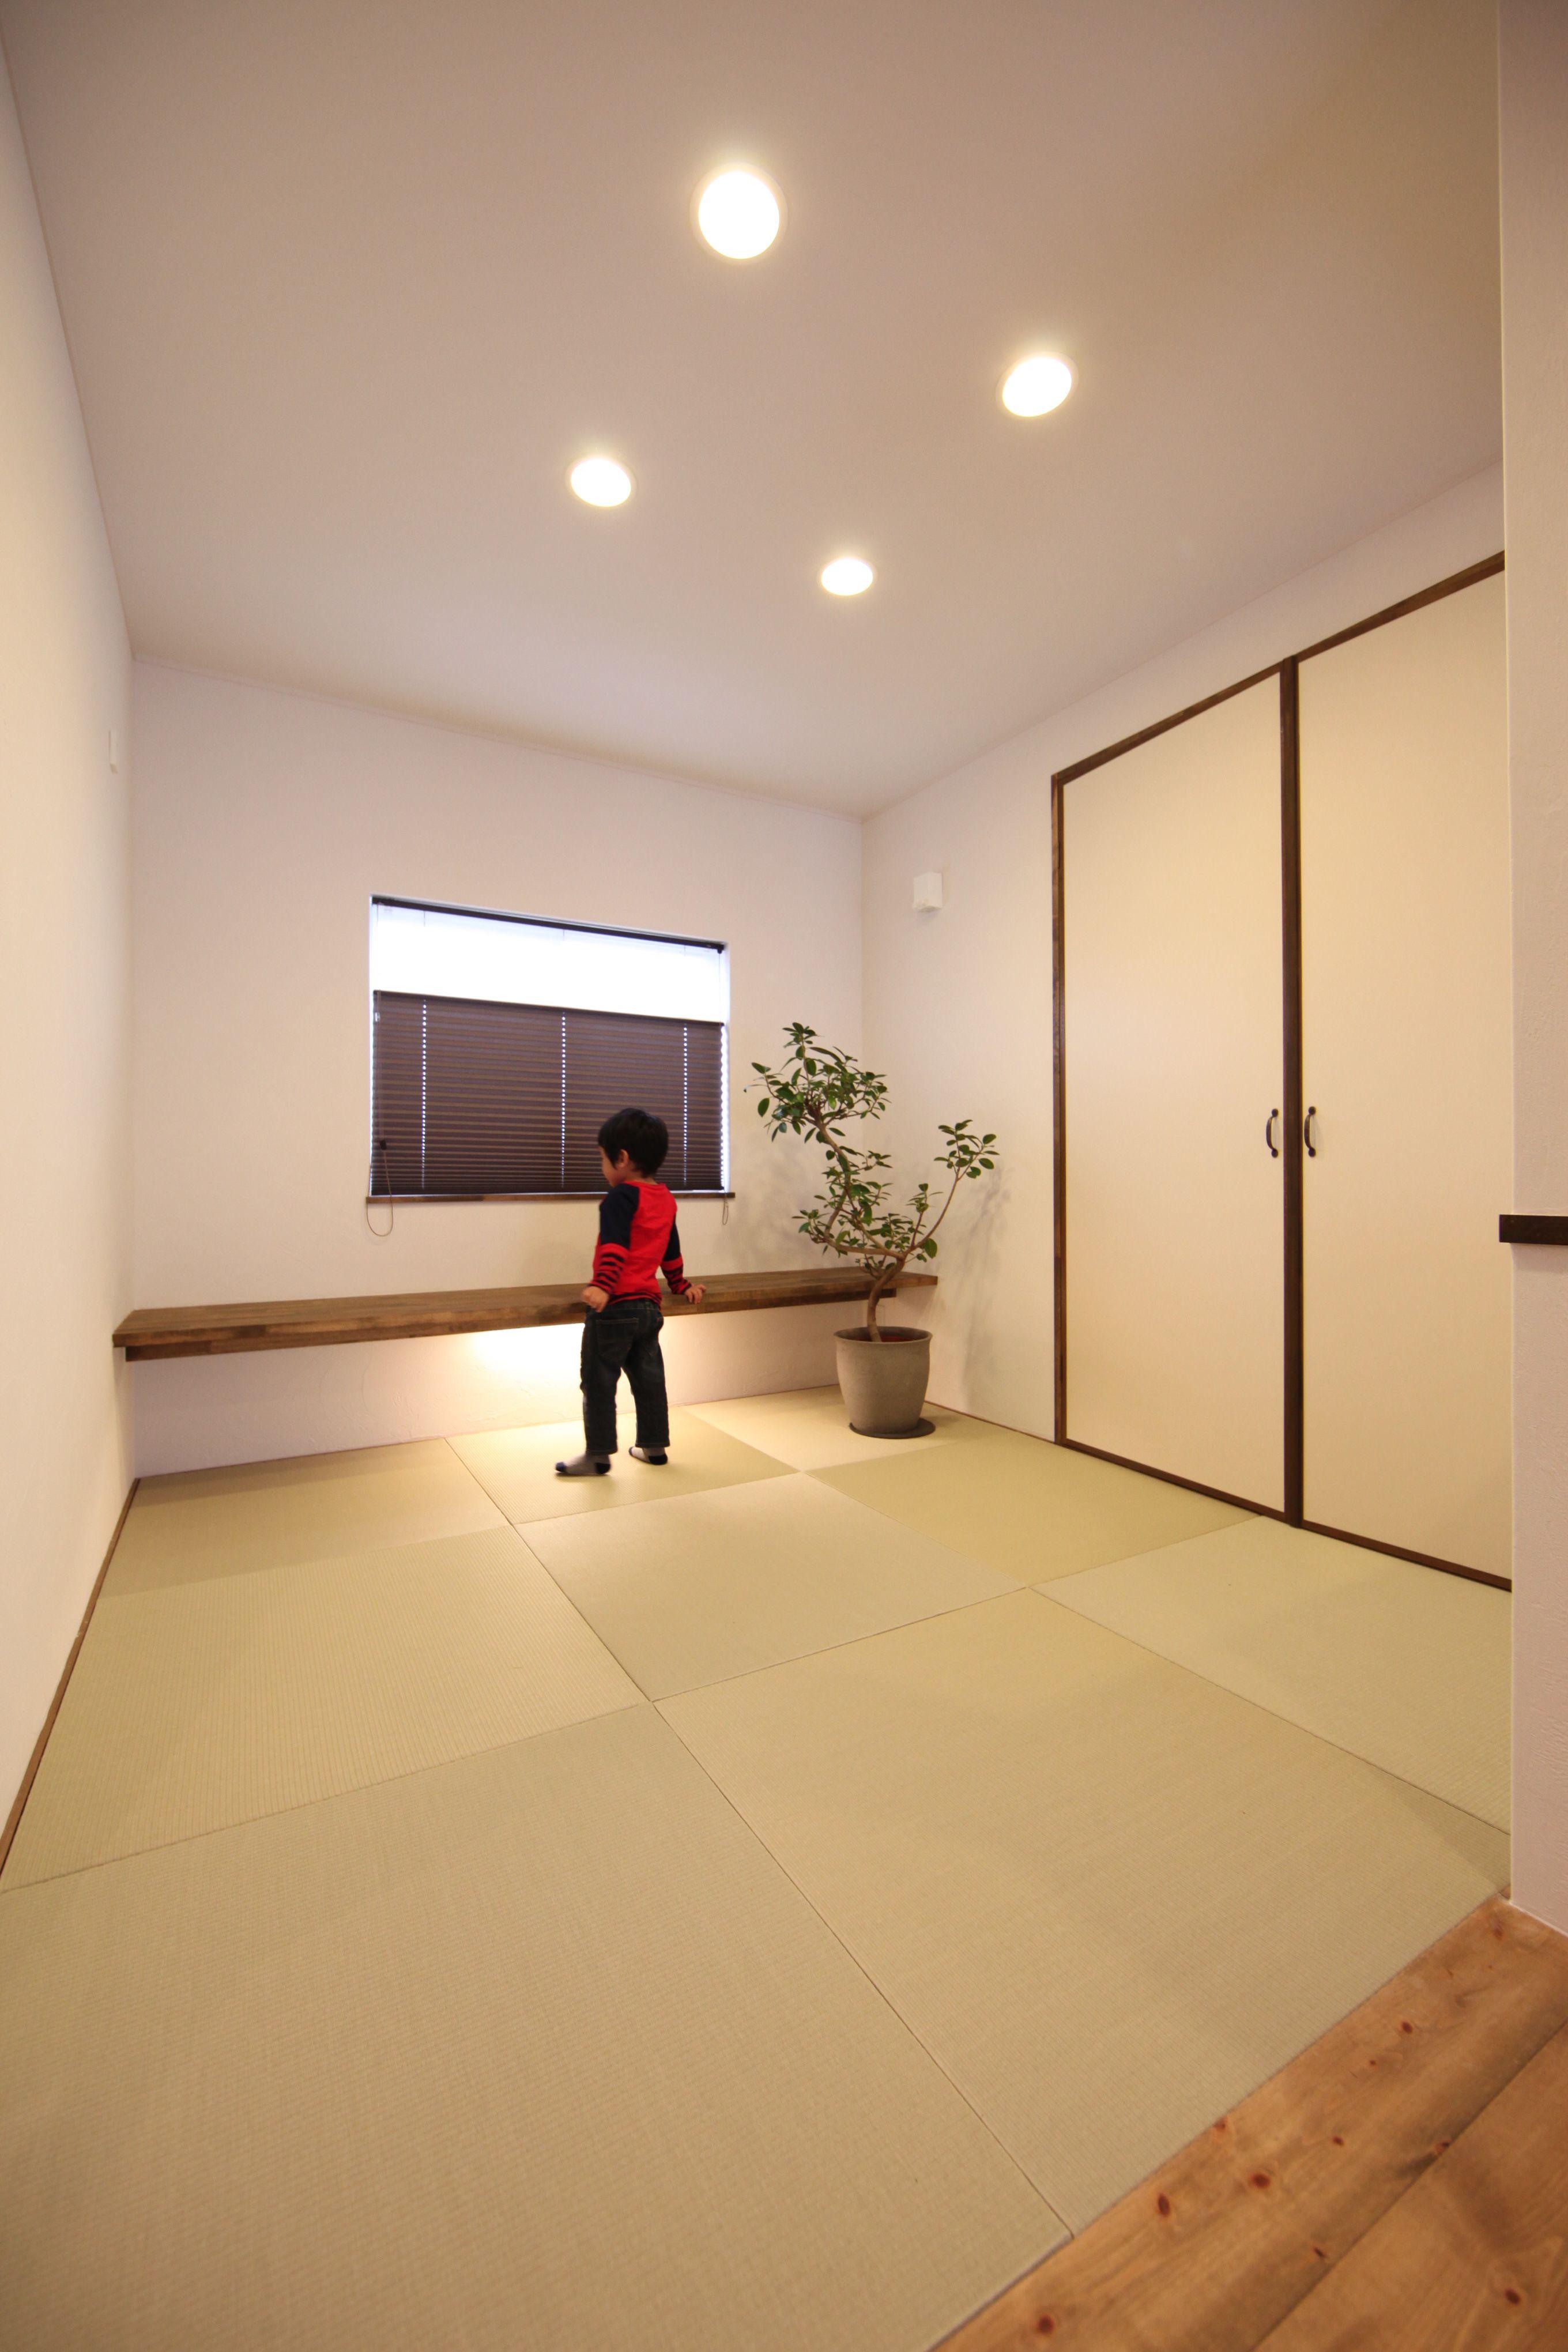 和室の飾り棚下に仕込んだ間接照明 ナチュラルモダン 和室 ゼスト